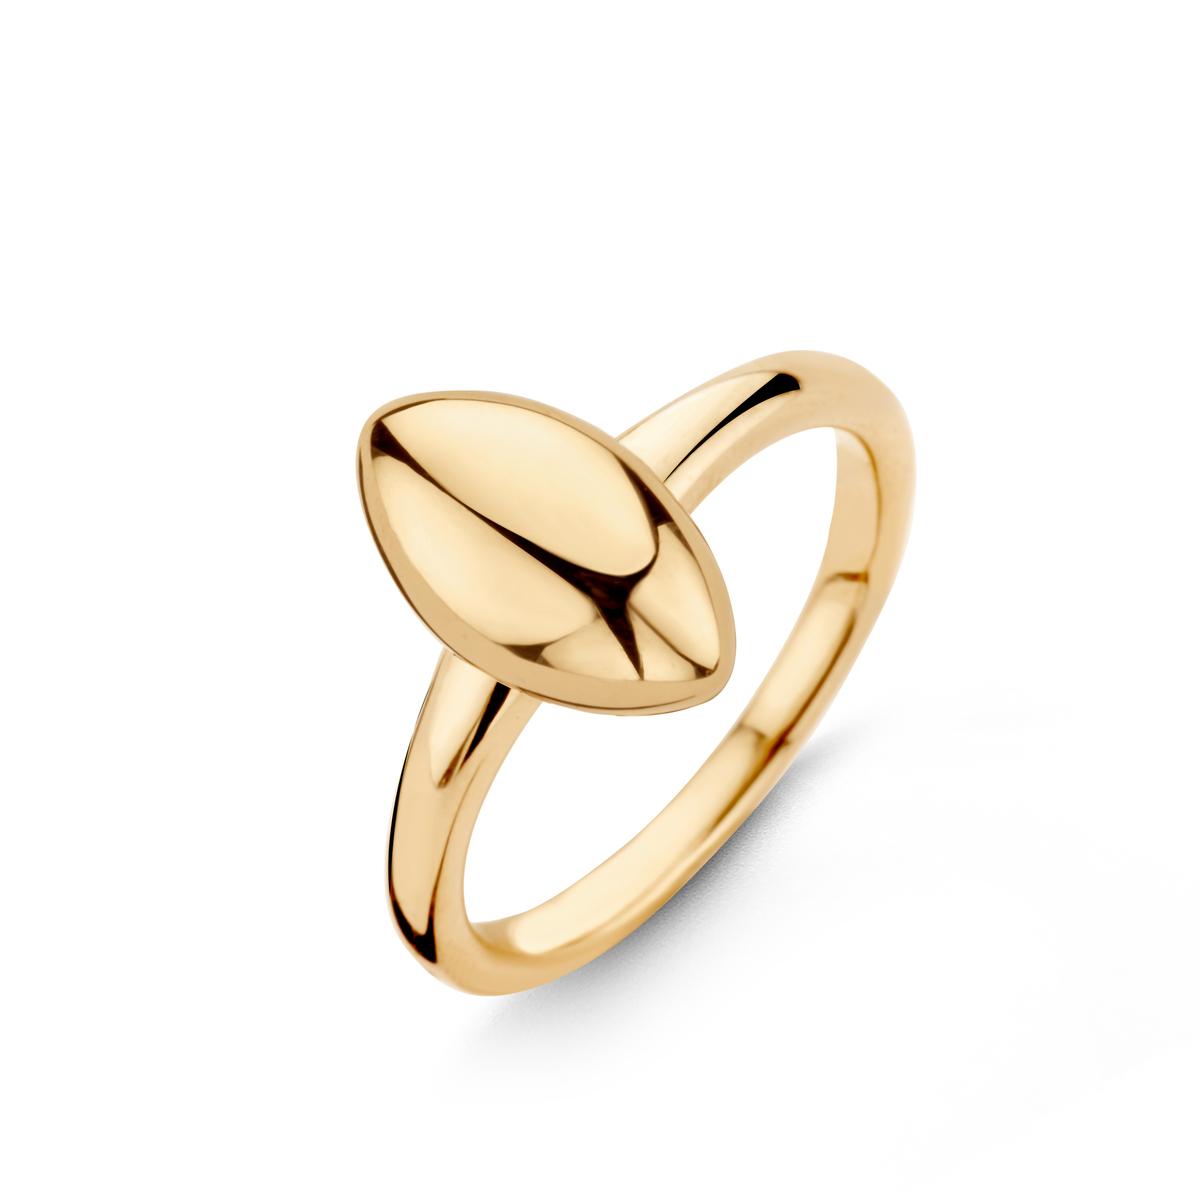 vulsini ring in yellow gold